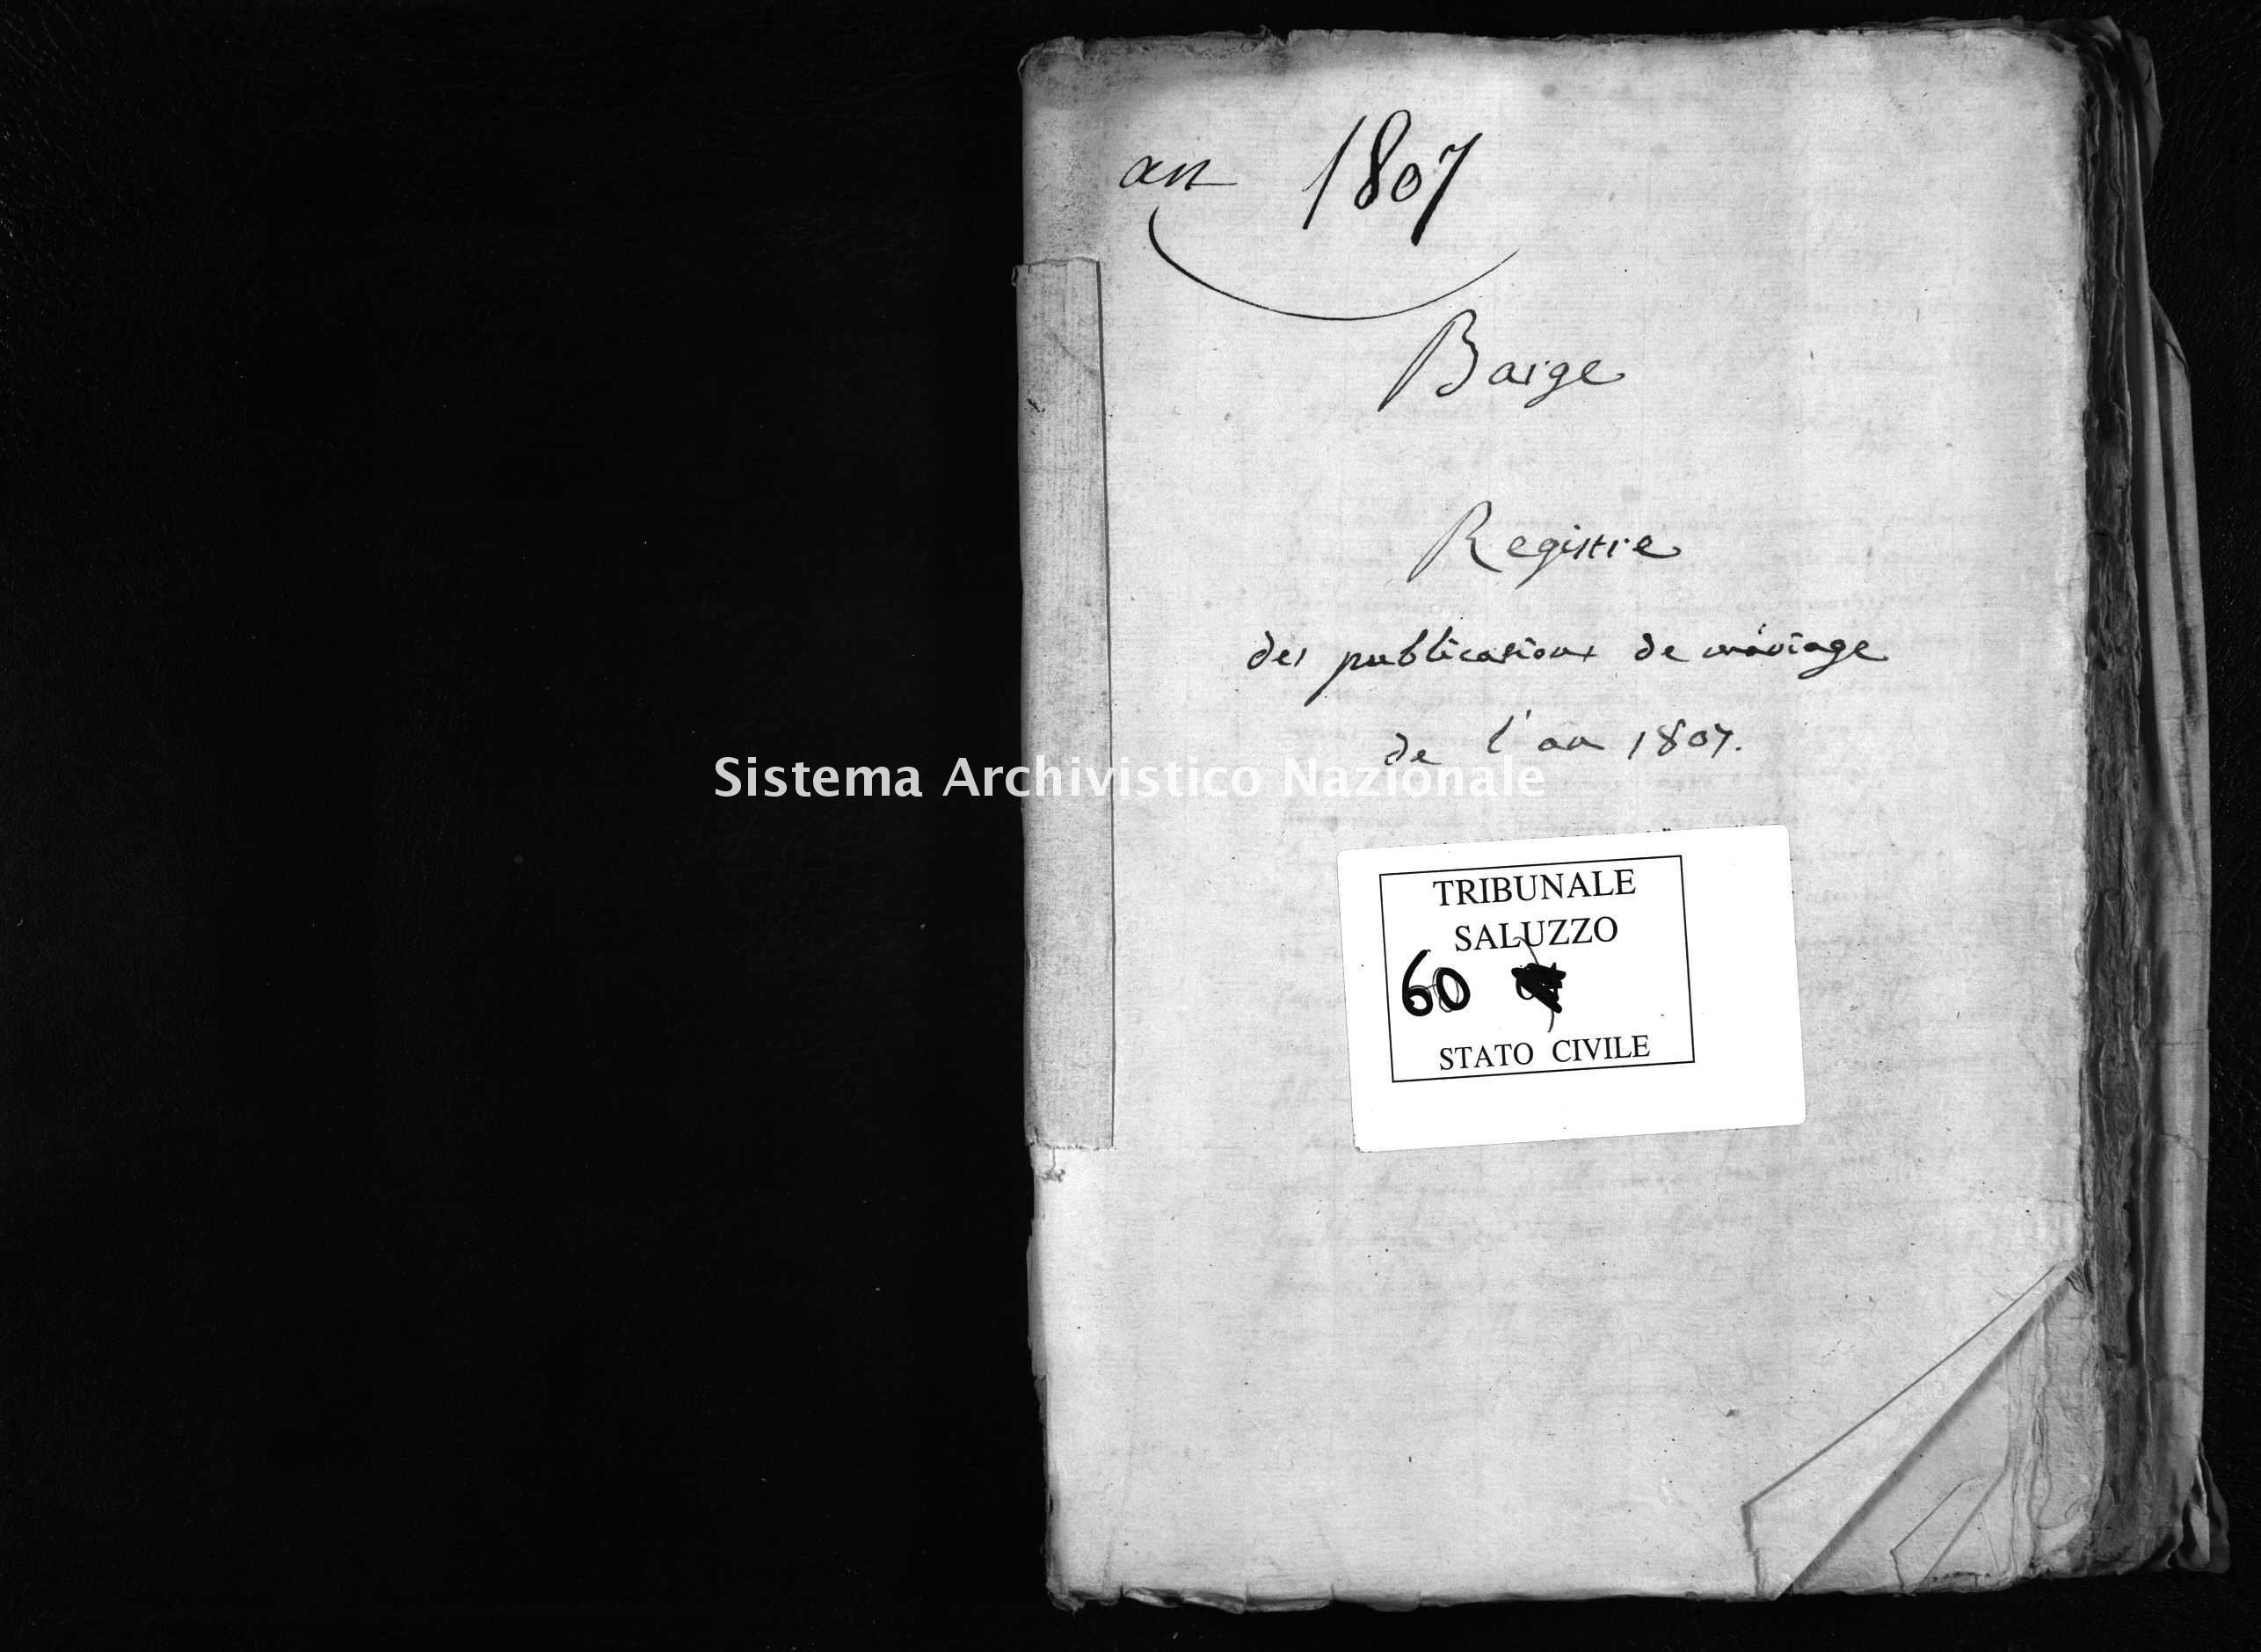 Archivio di stato di Cuneo - Stato civile napoleonico - Barge - Matrimoni, pubblicazioni - 1807 - 60 -